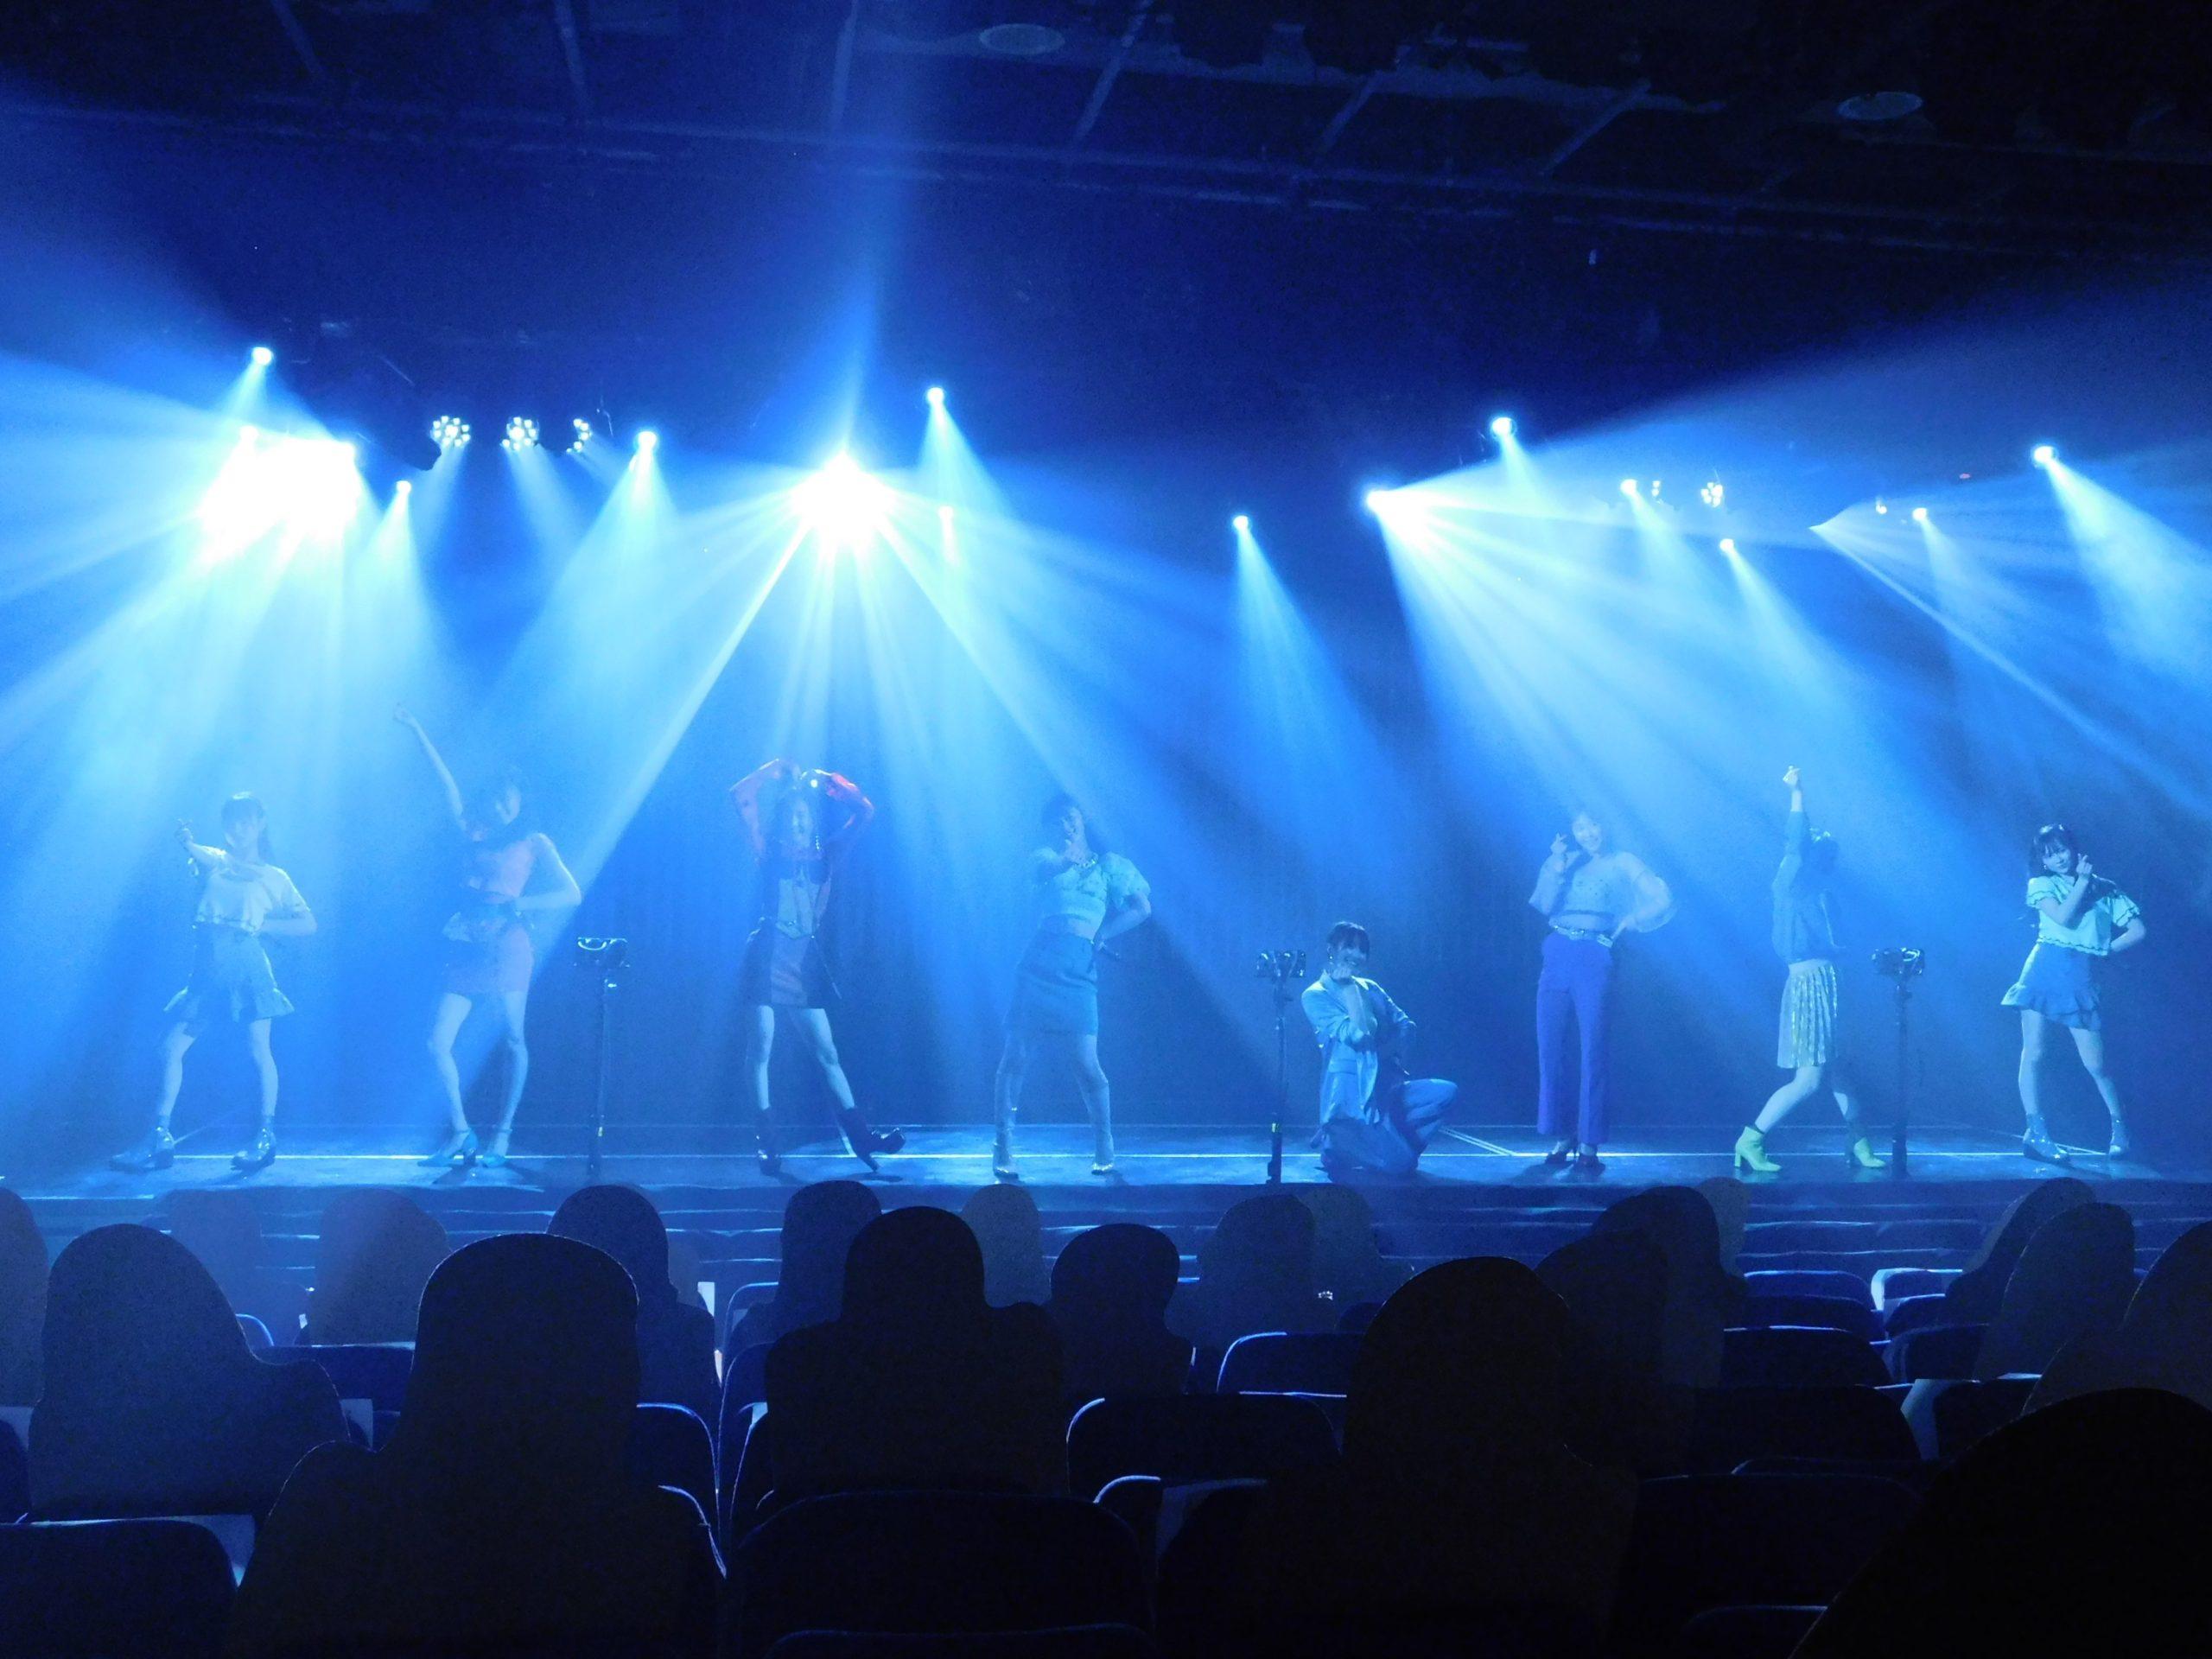 【NMB48】シダレヤナギType-Cに収録「選ばれし者たち」が劇場初披露